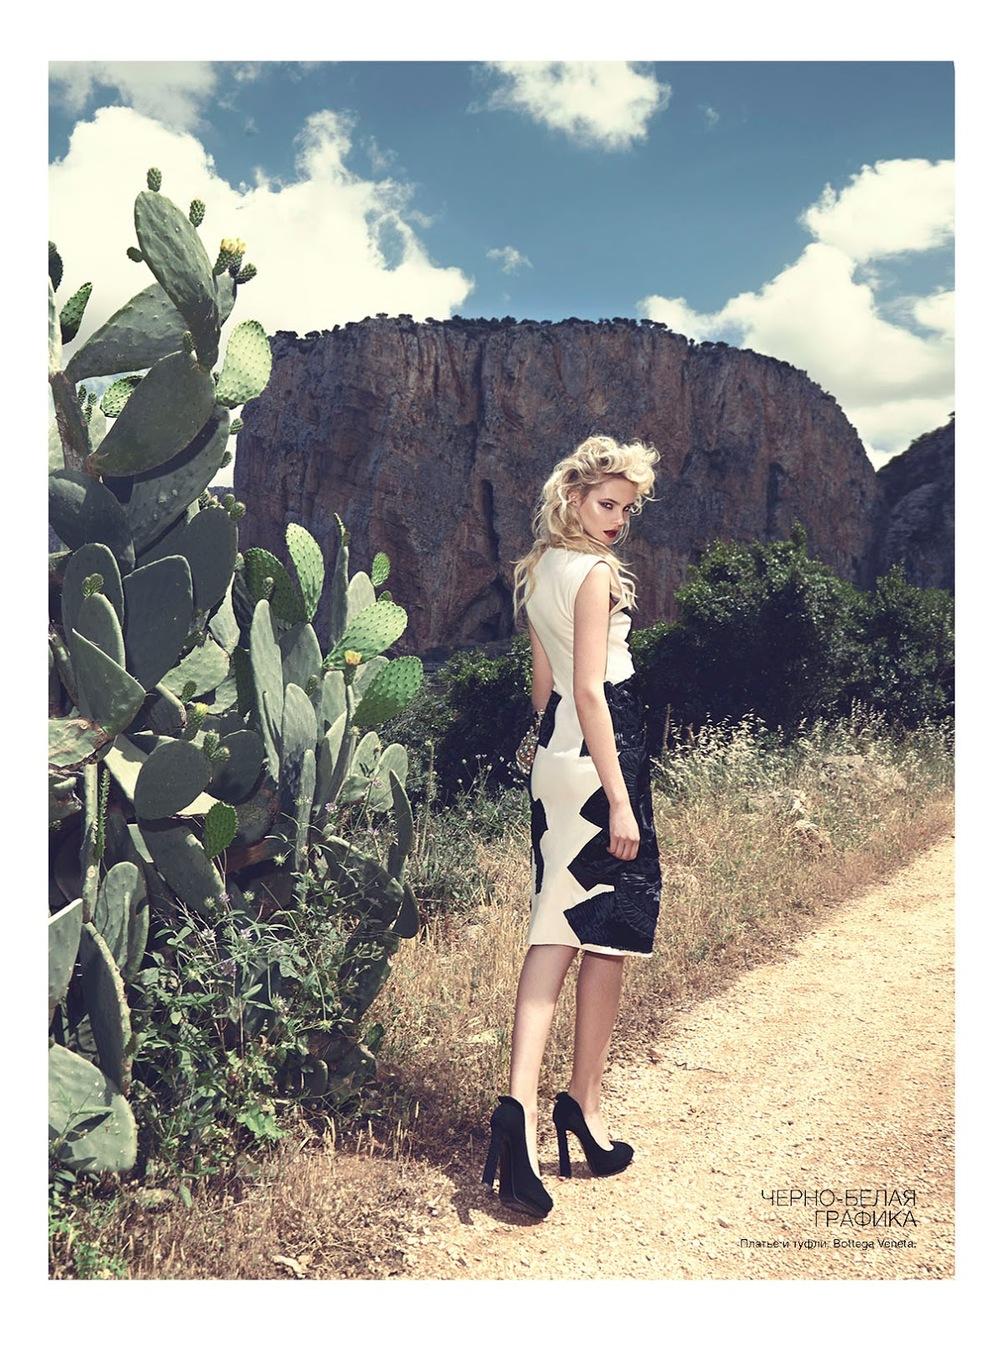 Bottega Veneta dress via Vogue Ukraine